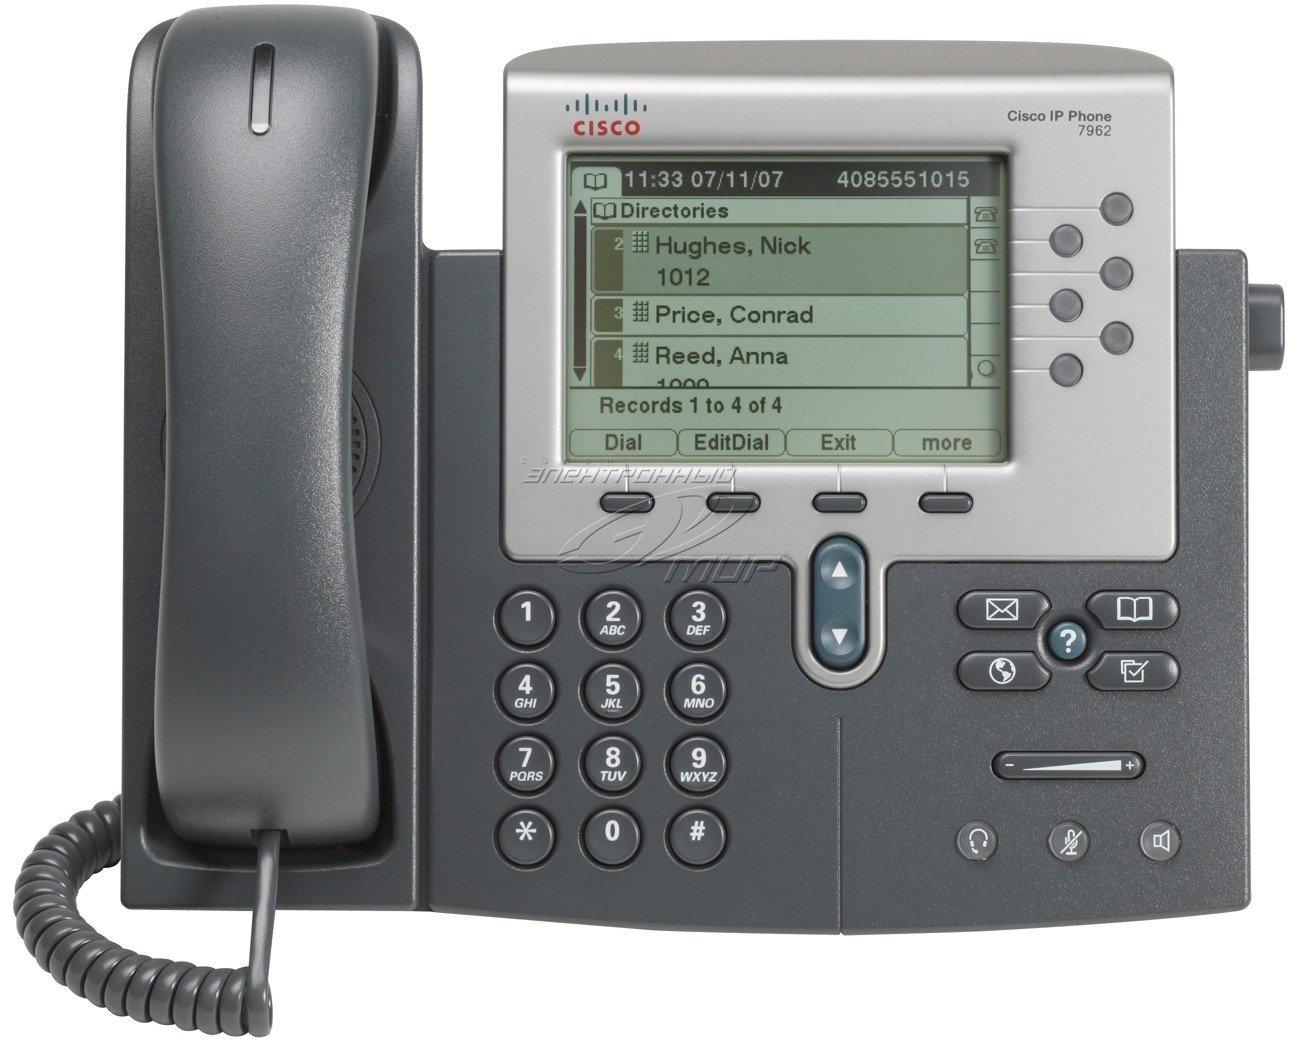 Amazon.com : Cisco 7962G Unified IP Phone : Voip Telephones : Electronics